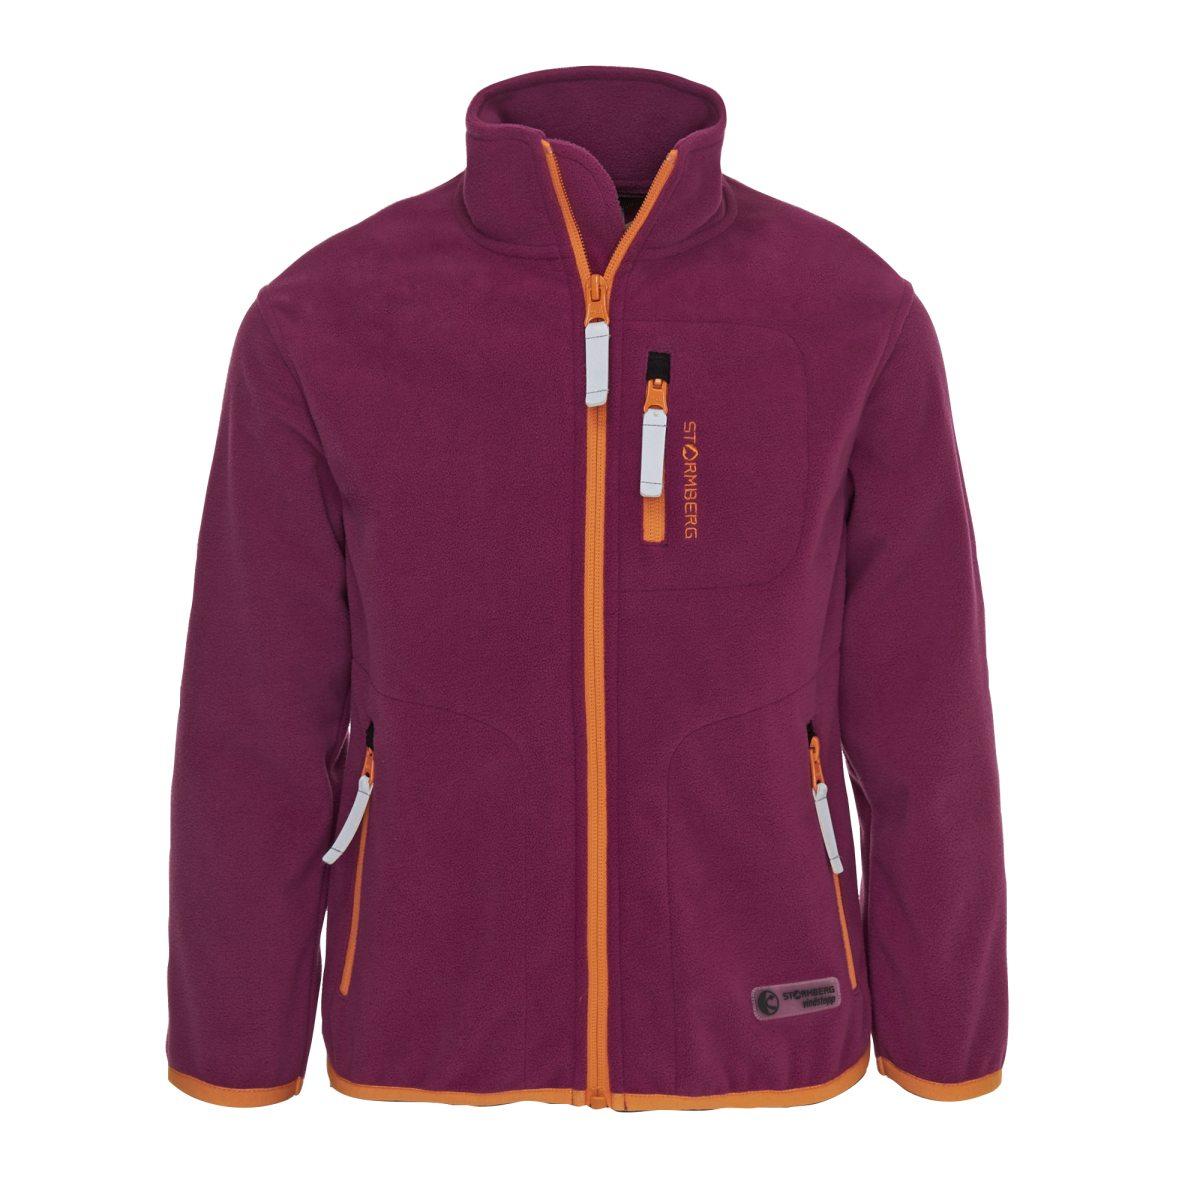 rosa stormberg bakketopp fleece jacket vindtät fleecejacka barn  fleecetröjor   jr 5977a3e39fd6c